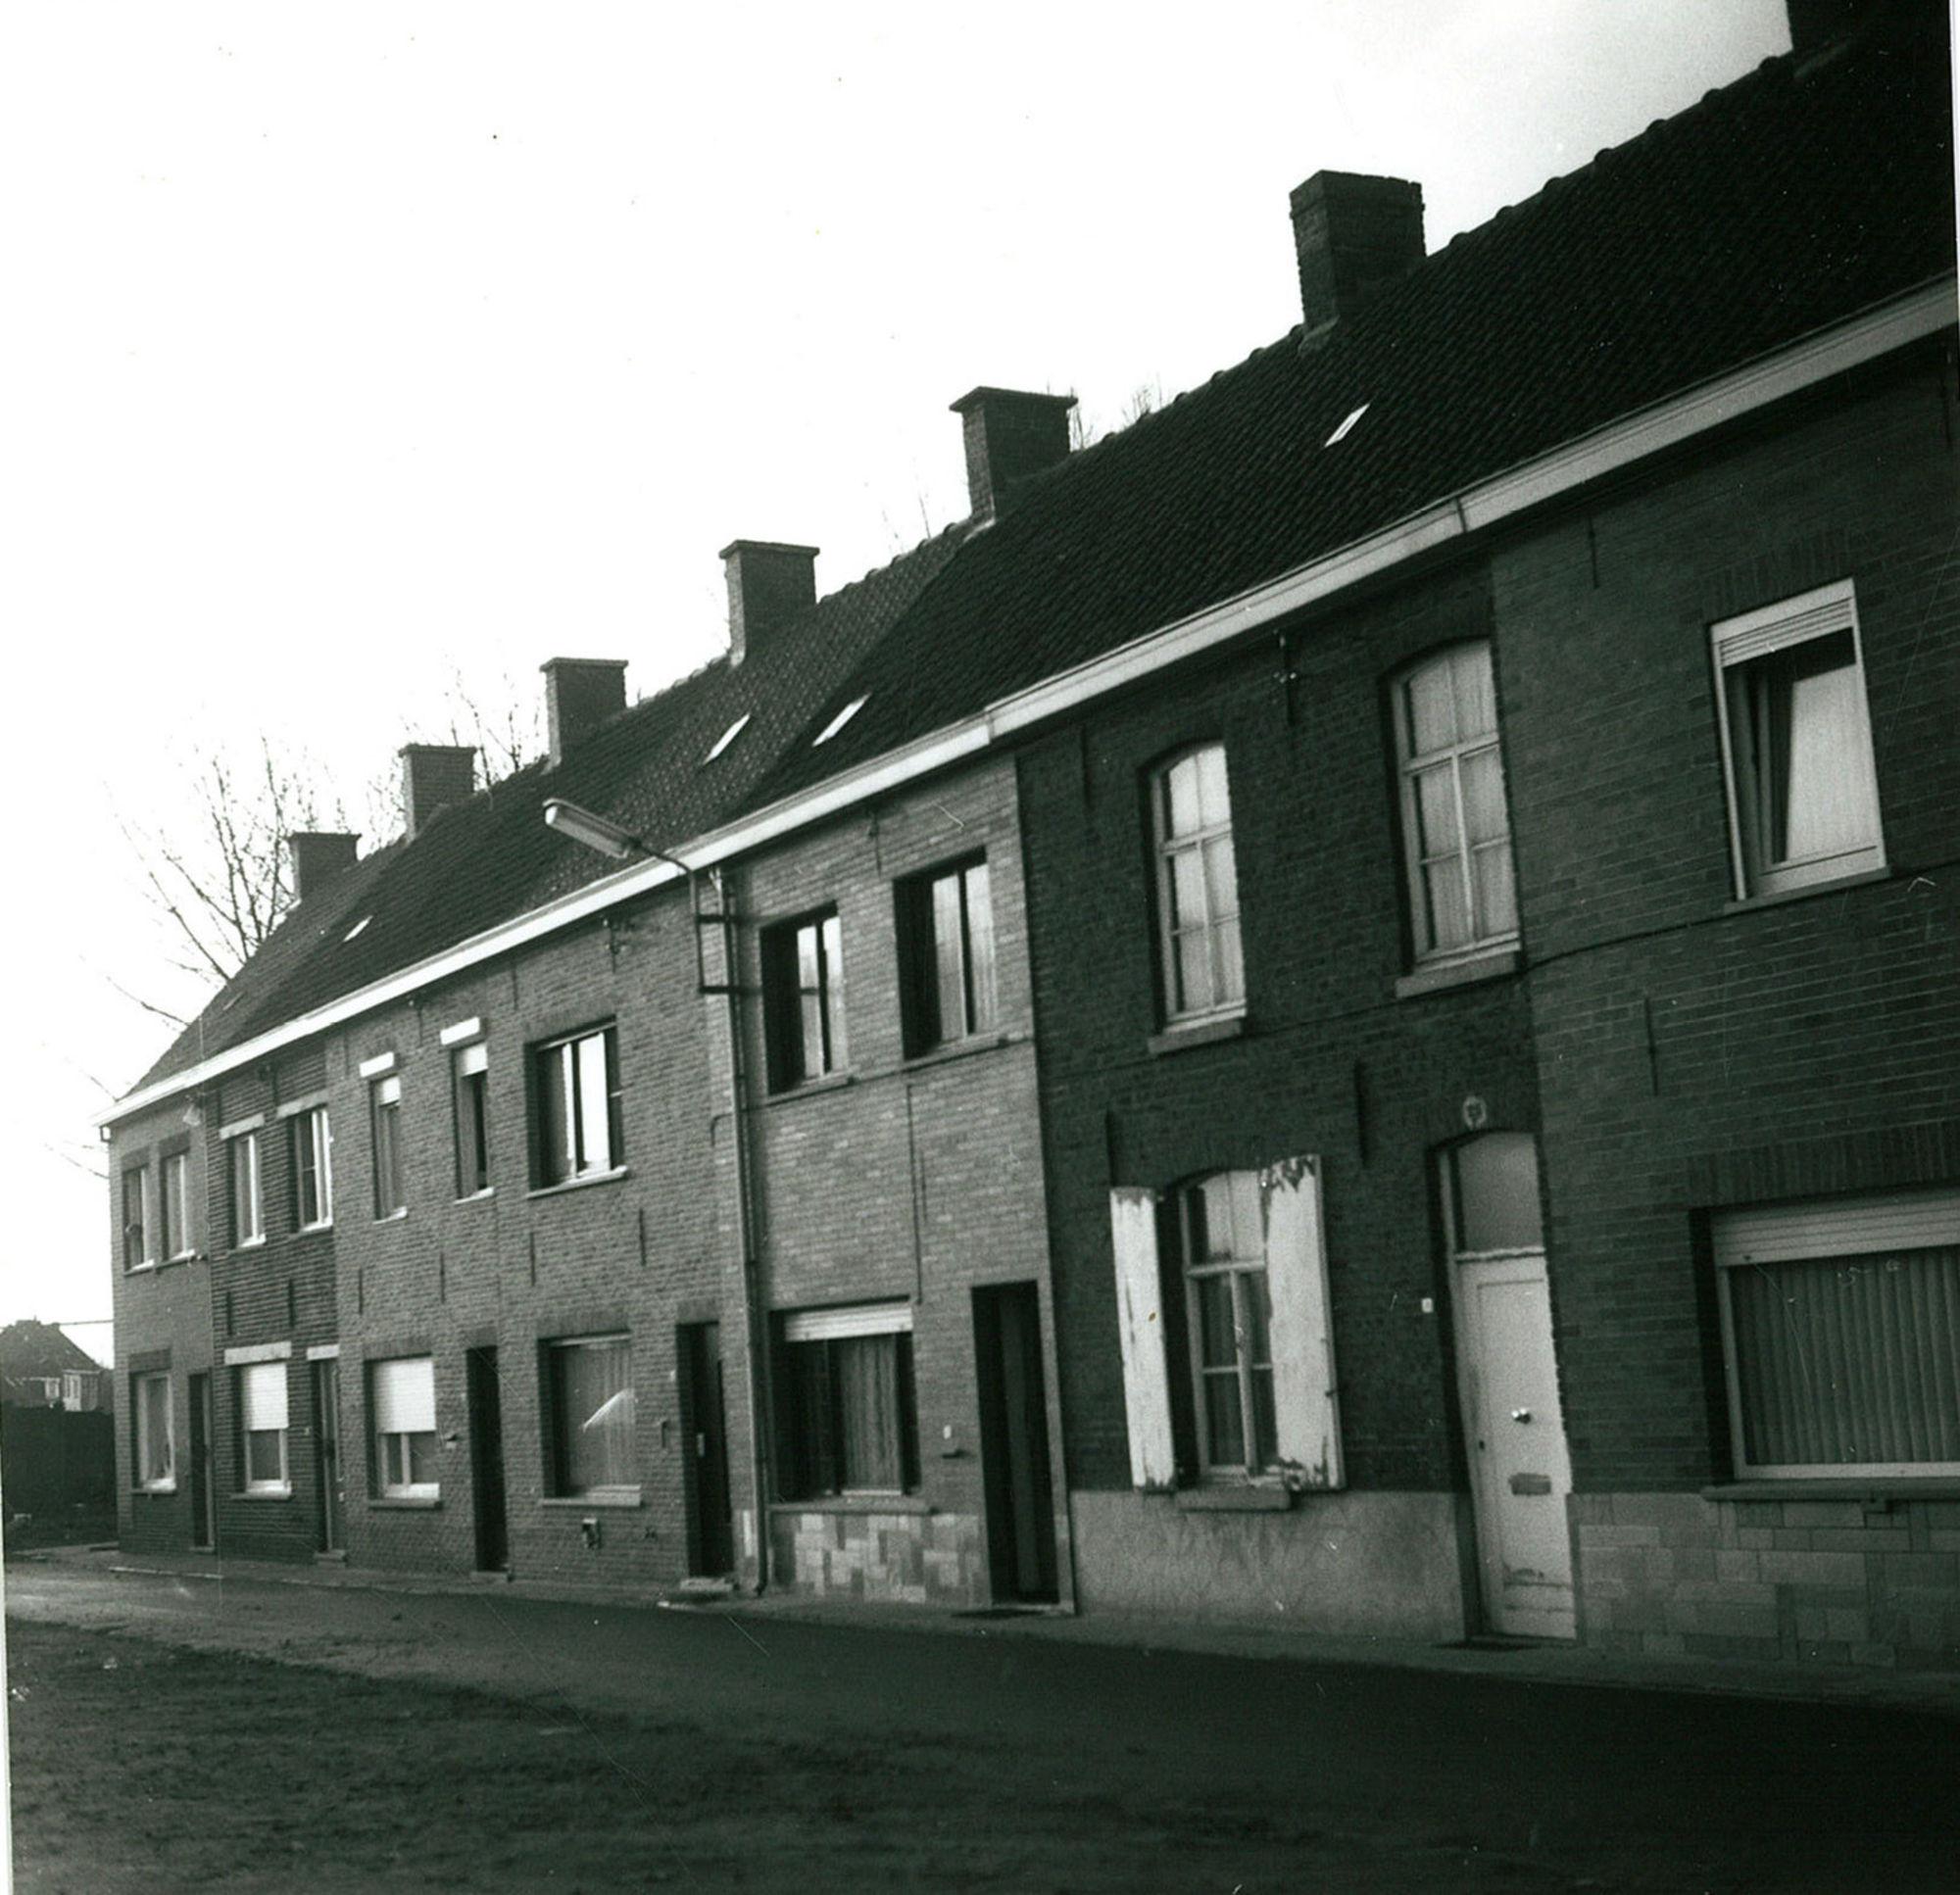 De 'Loodwitreke' in Heule 1986